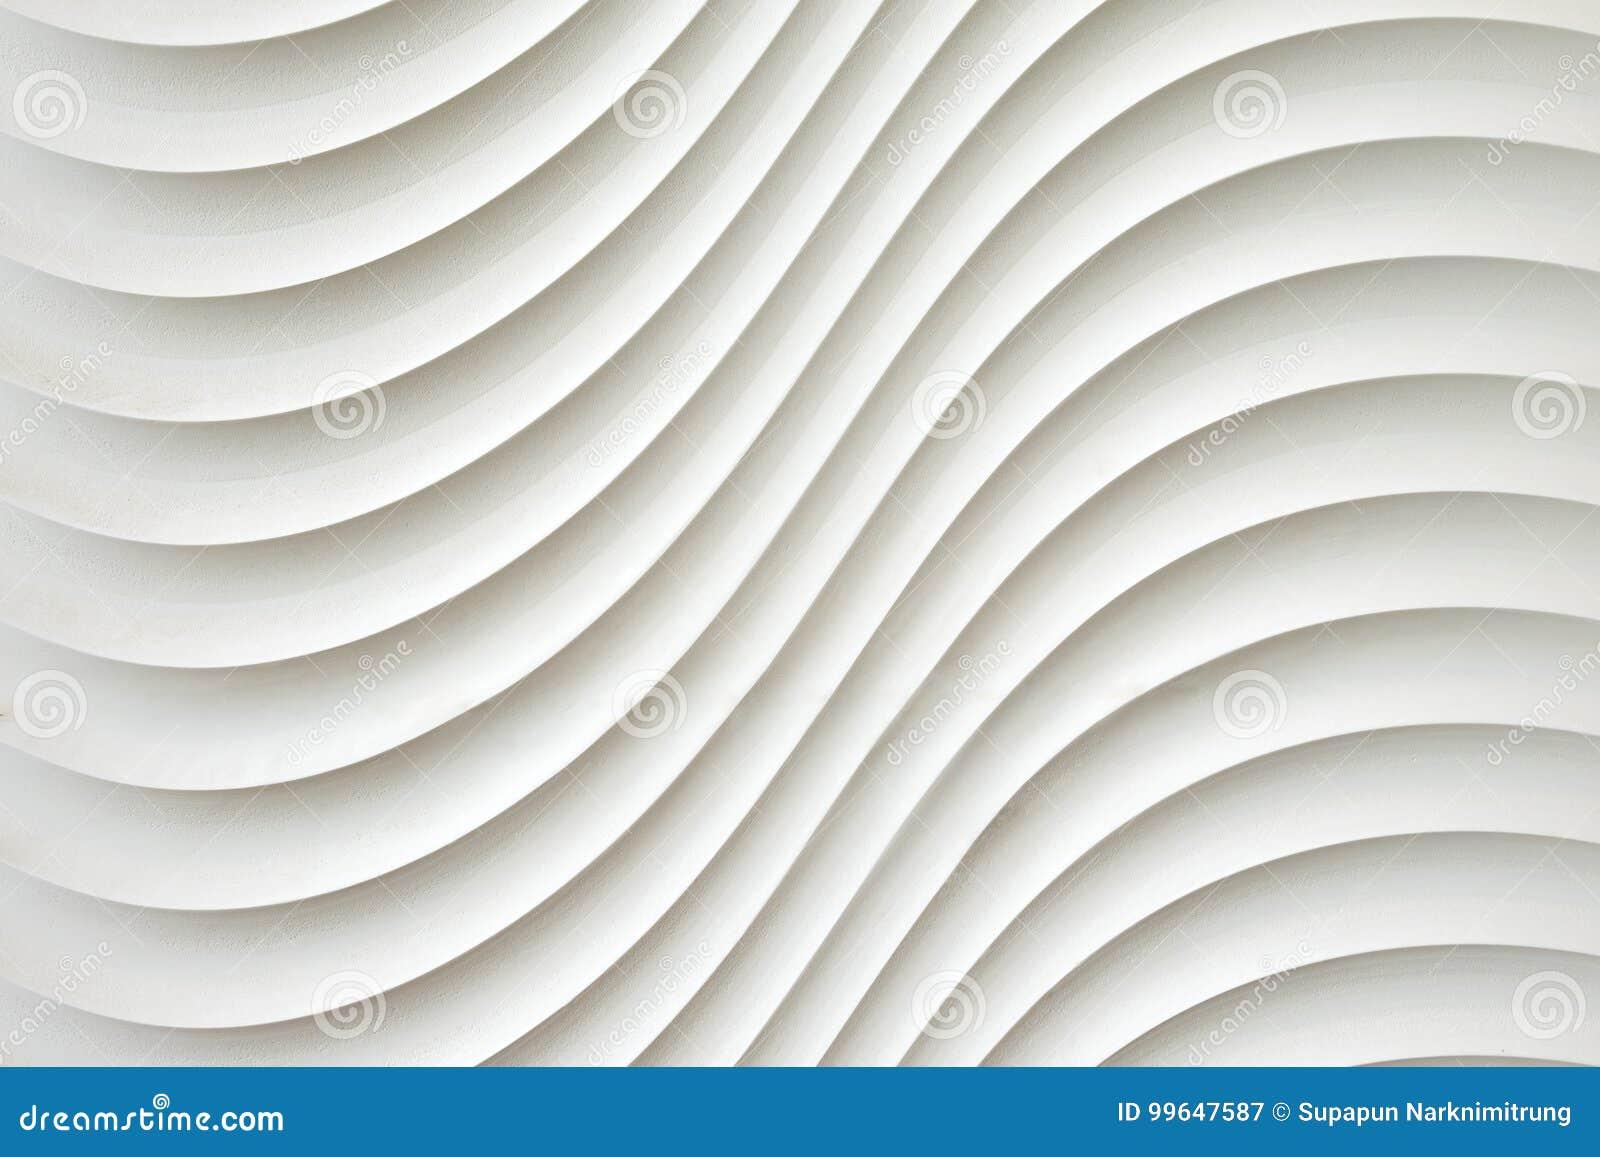 白色墙壁纹理,抽象样式,挥动波浪现代,几何交叠层数背景